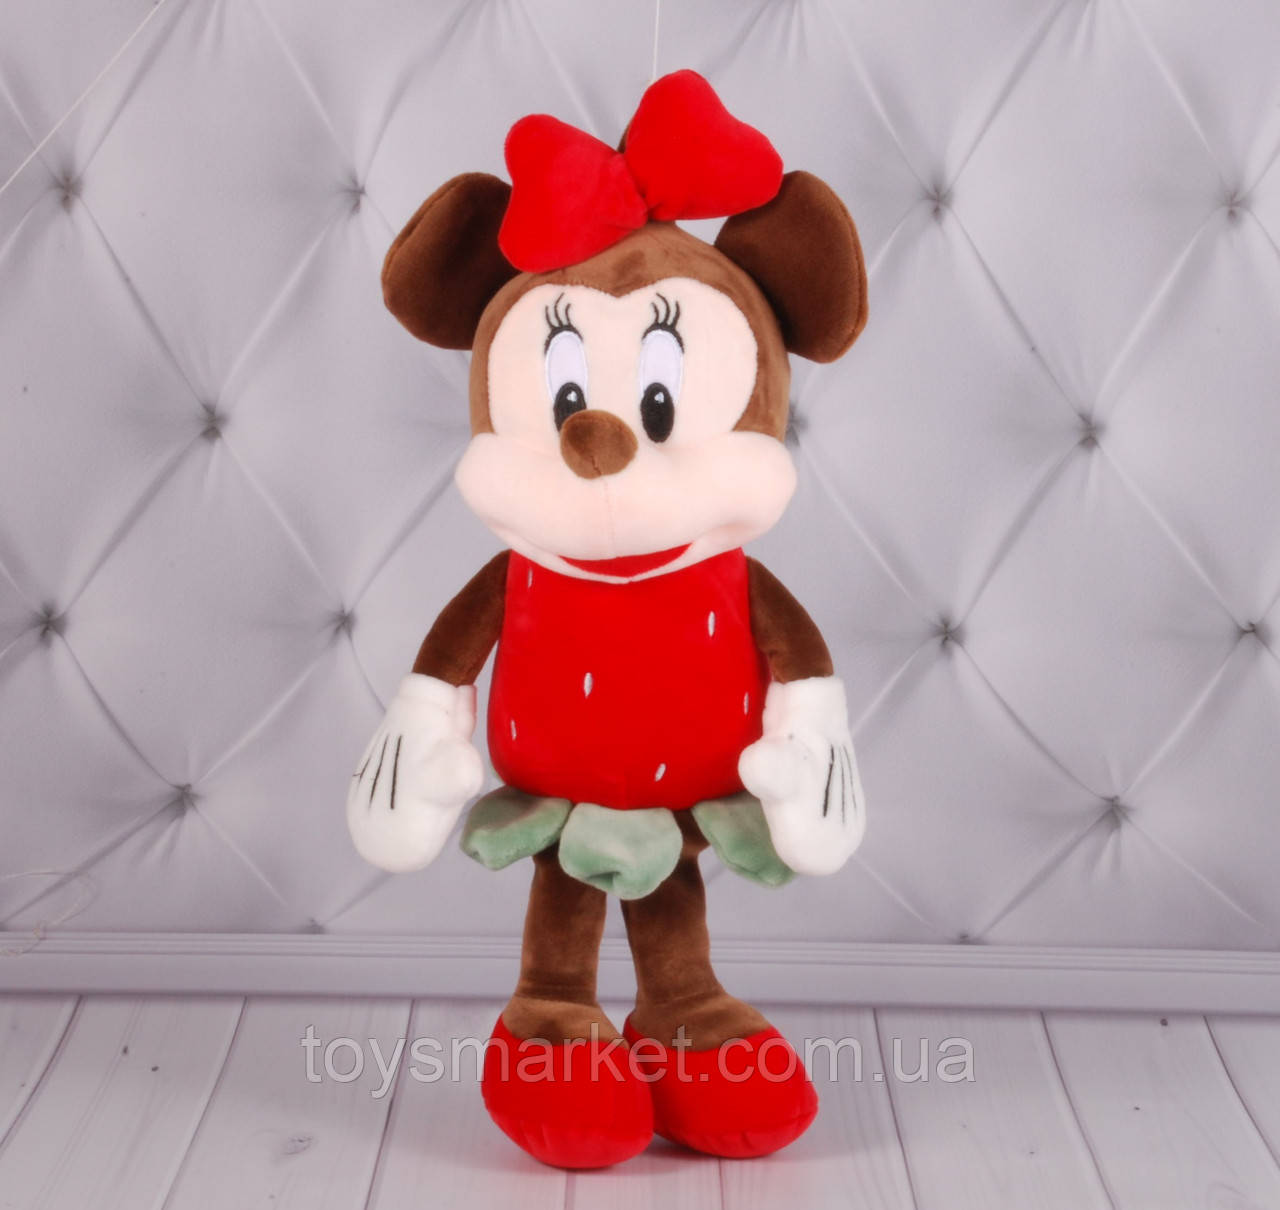 """Мягкая игрушка Минни Маус """"Фрукты"""", Mickey Mouse, Minnie Mouse, плюшевая Минни Маус,  разные цвета, 20 см"""